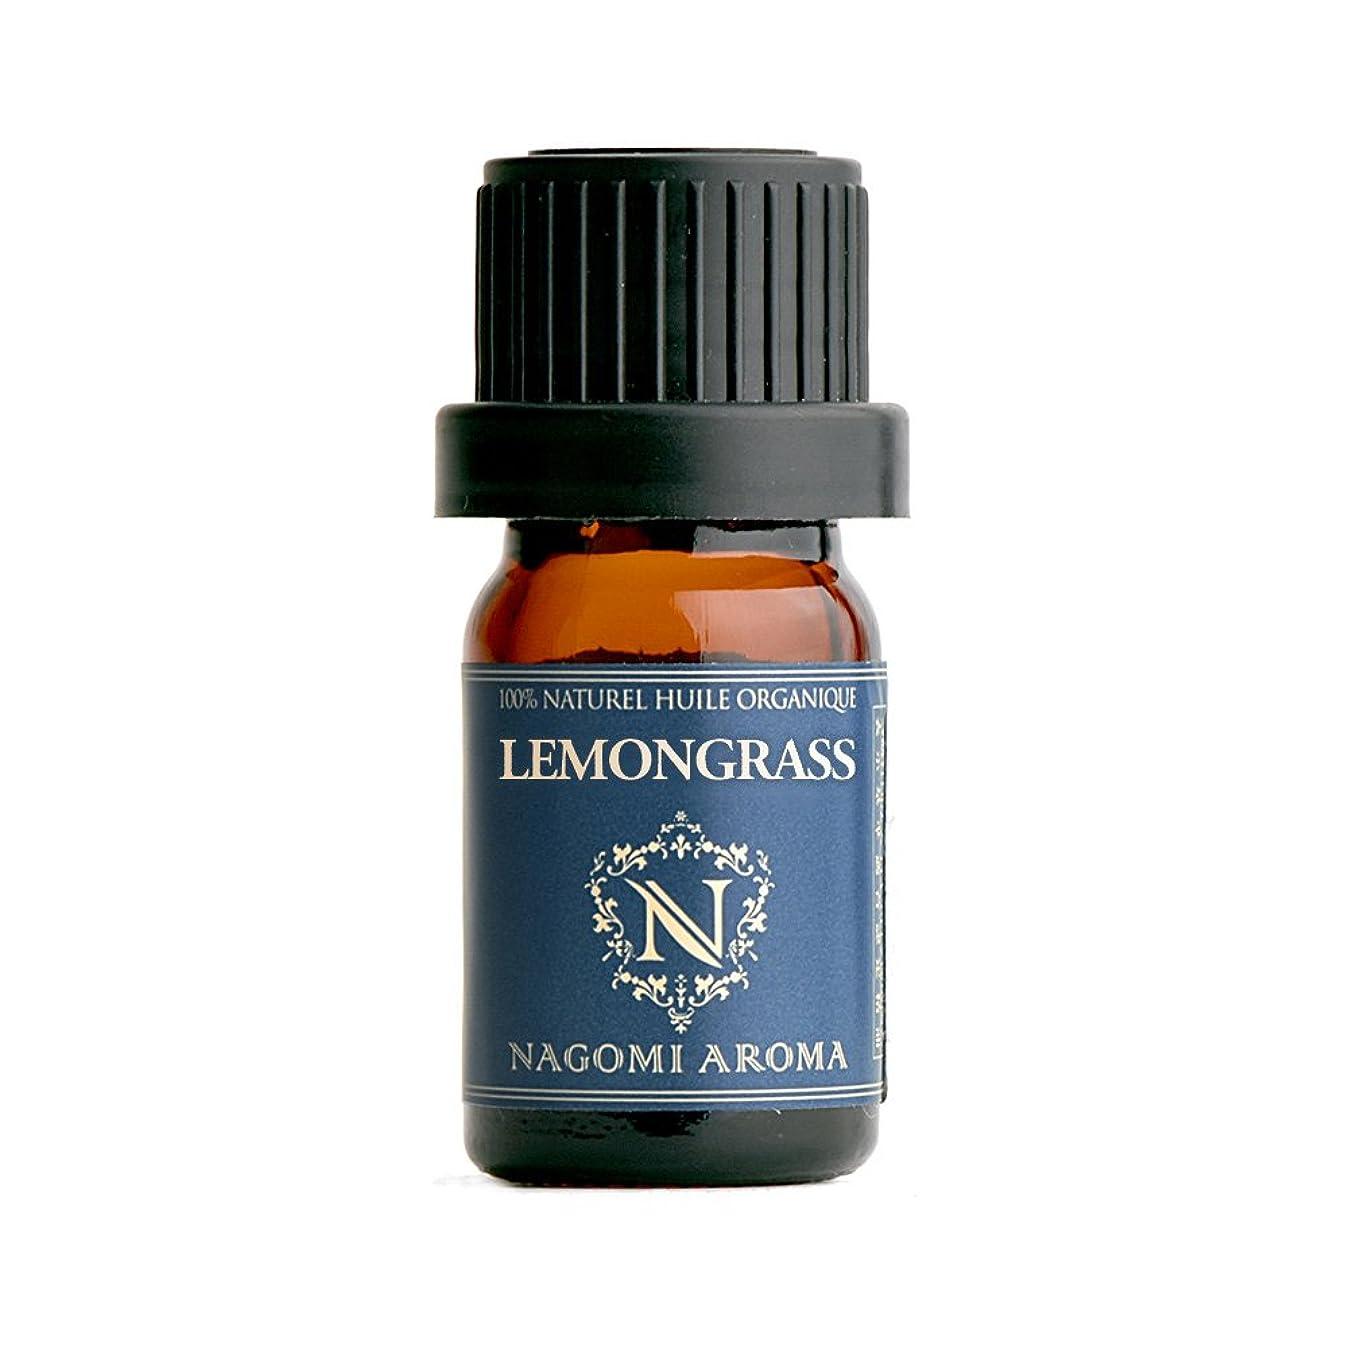 エゴマニア大臣爆発するNAGOMI AROMA オーガニック レモングラス 5ml 【AEAJ認定精油】【アロマオイル】